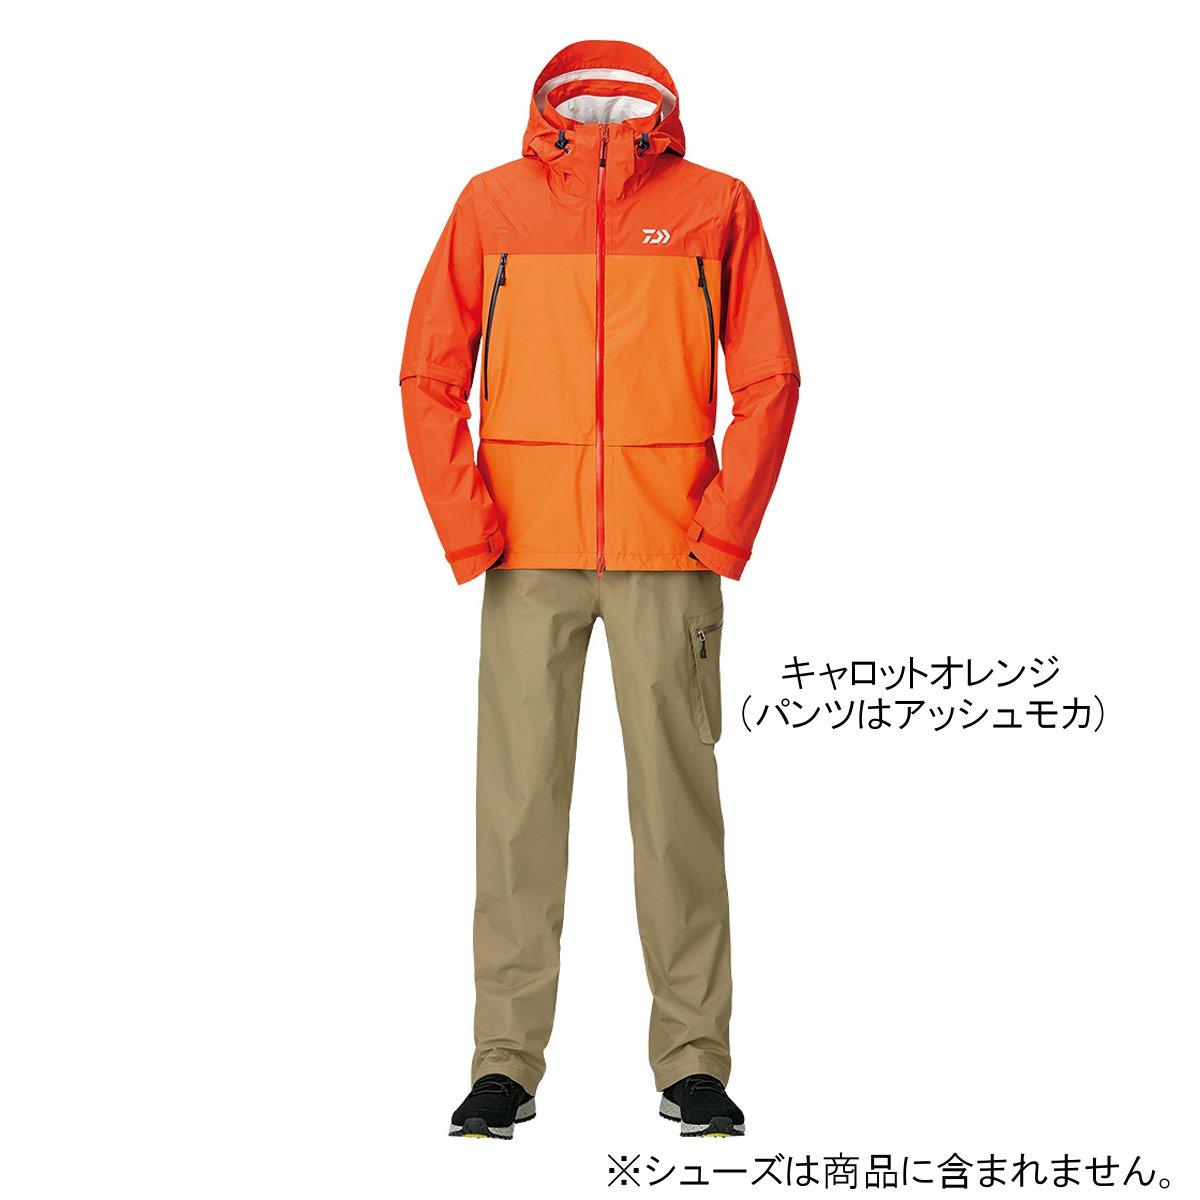 ダイワ レインマックス デタッチャブルレインスーツ DR-30009 WL キャロットオレンジ(東日本店)